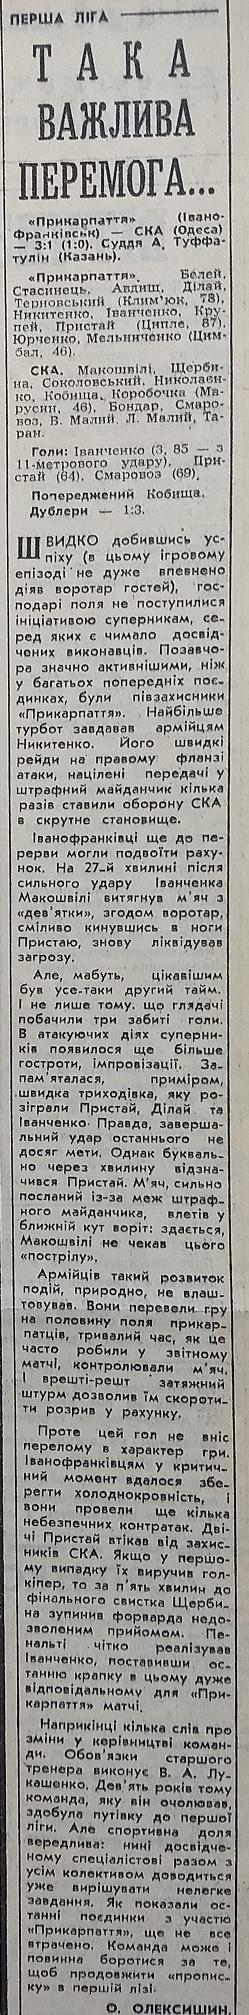 Прикарпатье (Ивано-Франковск) - СКА (Одесса) 3:1